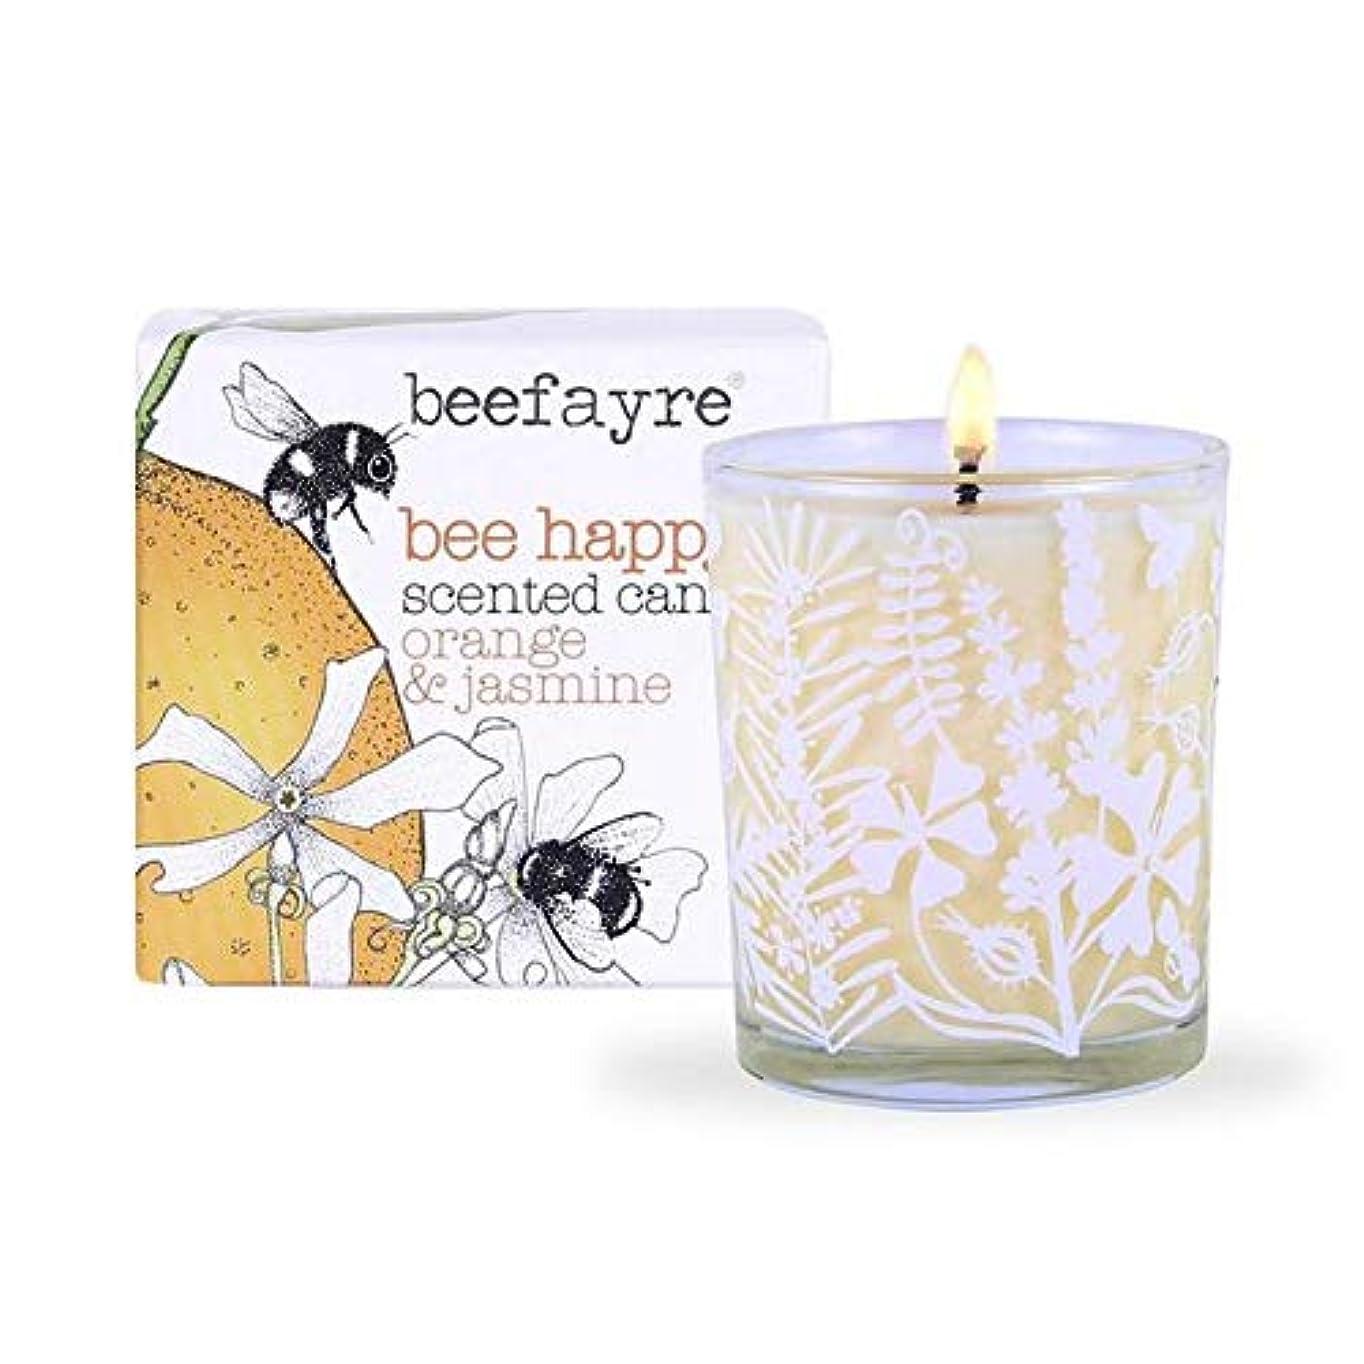 キャッチペデスタル次へ[Beefayre] オレンジ&ジャスミンの香りのキャンドル9Cl Beefayre - Beefayre Orange & Jasmine Scented Candle 9cl [並行輸入品]